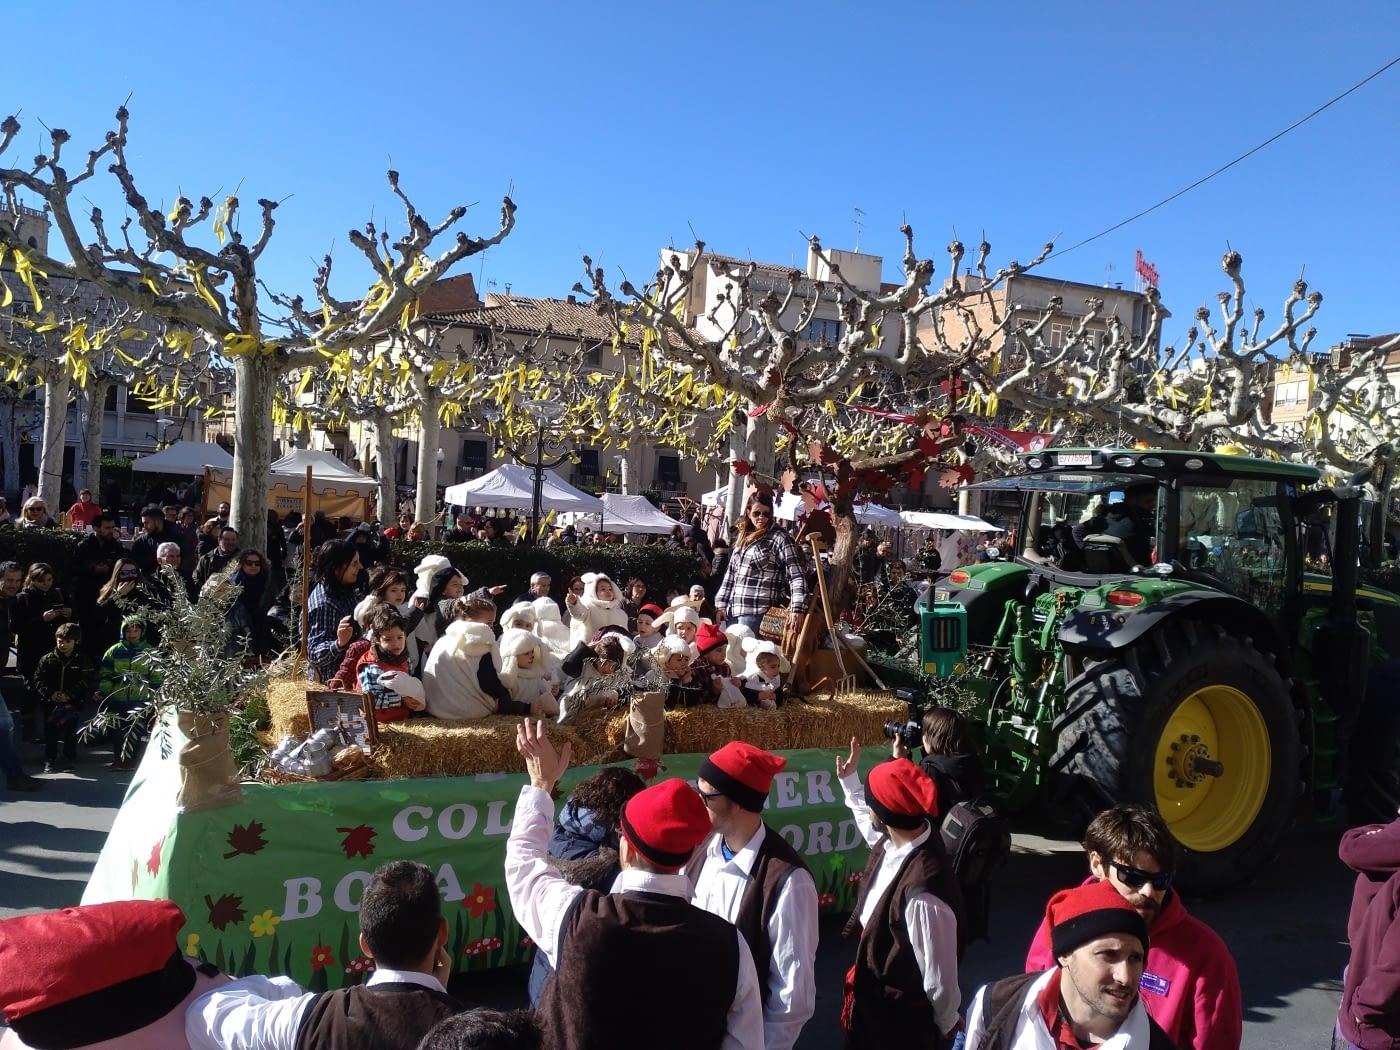 Centenars de persones s'apleguen a Tàrrega per veure els tradicionals Tres Tombs